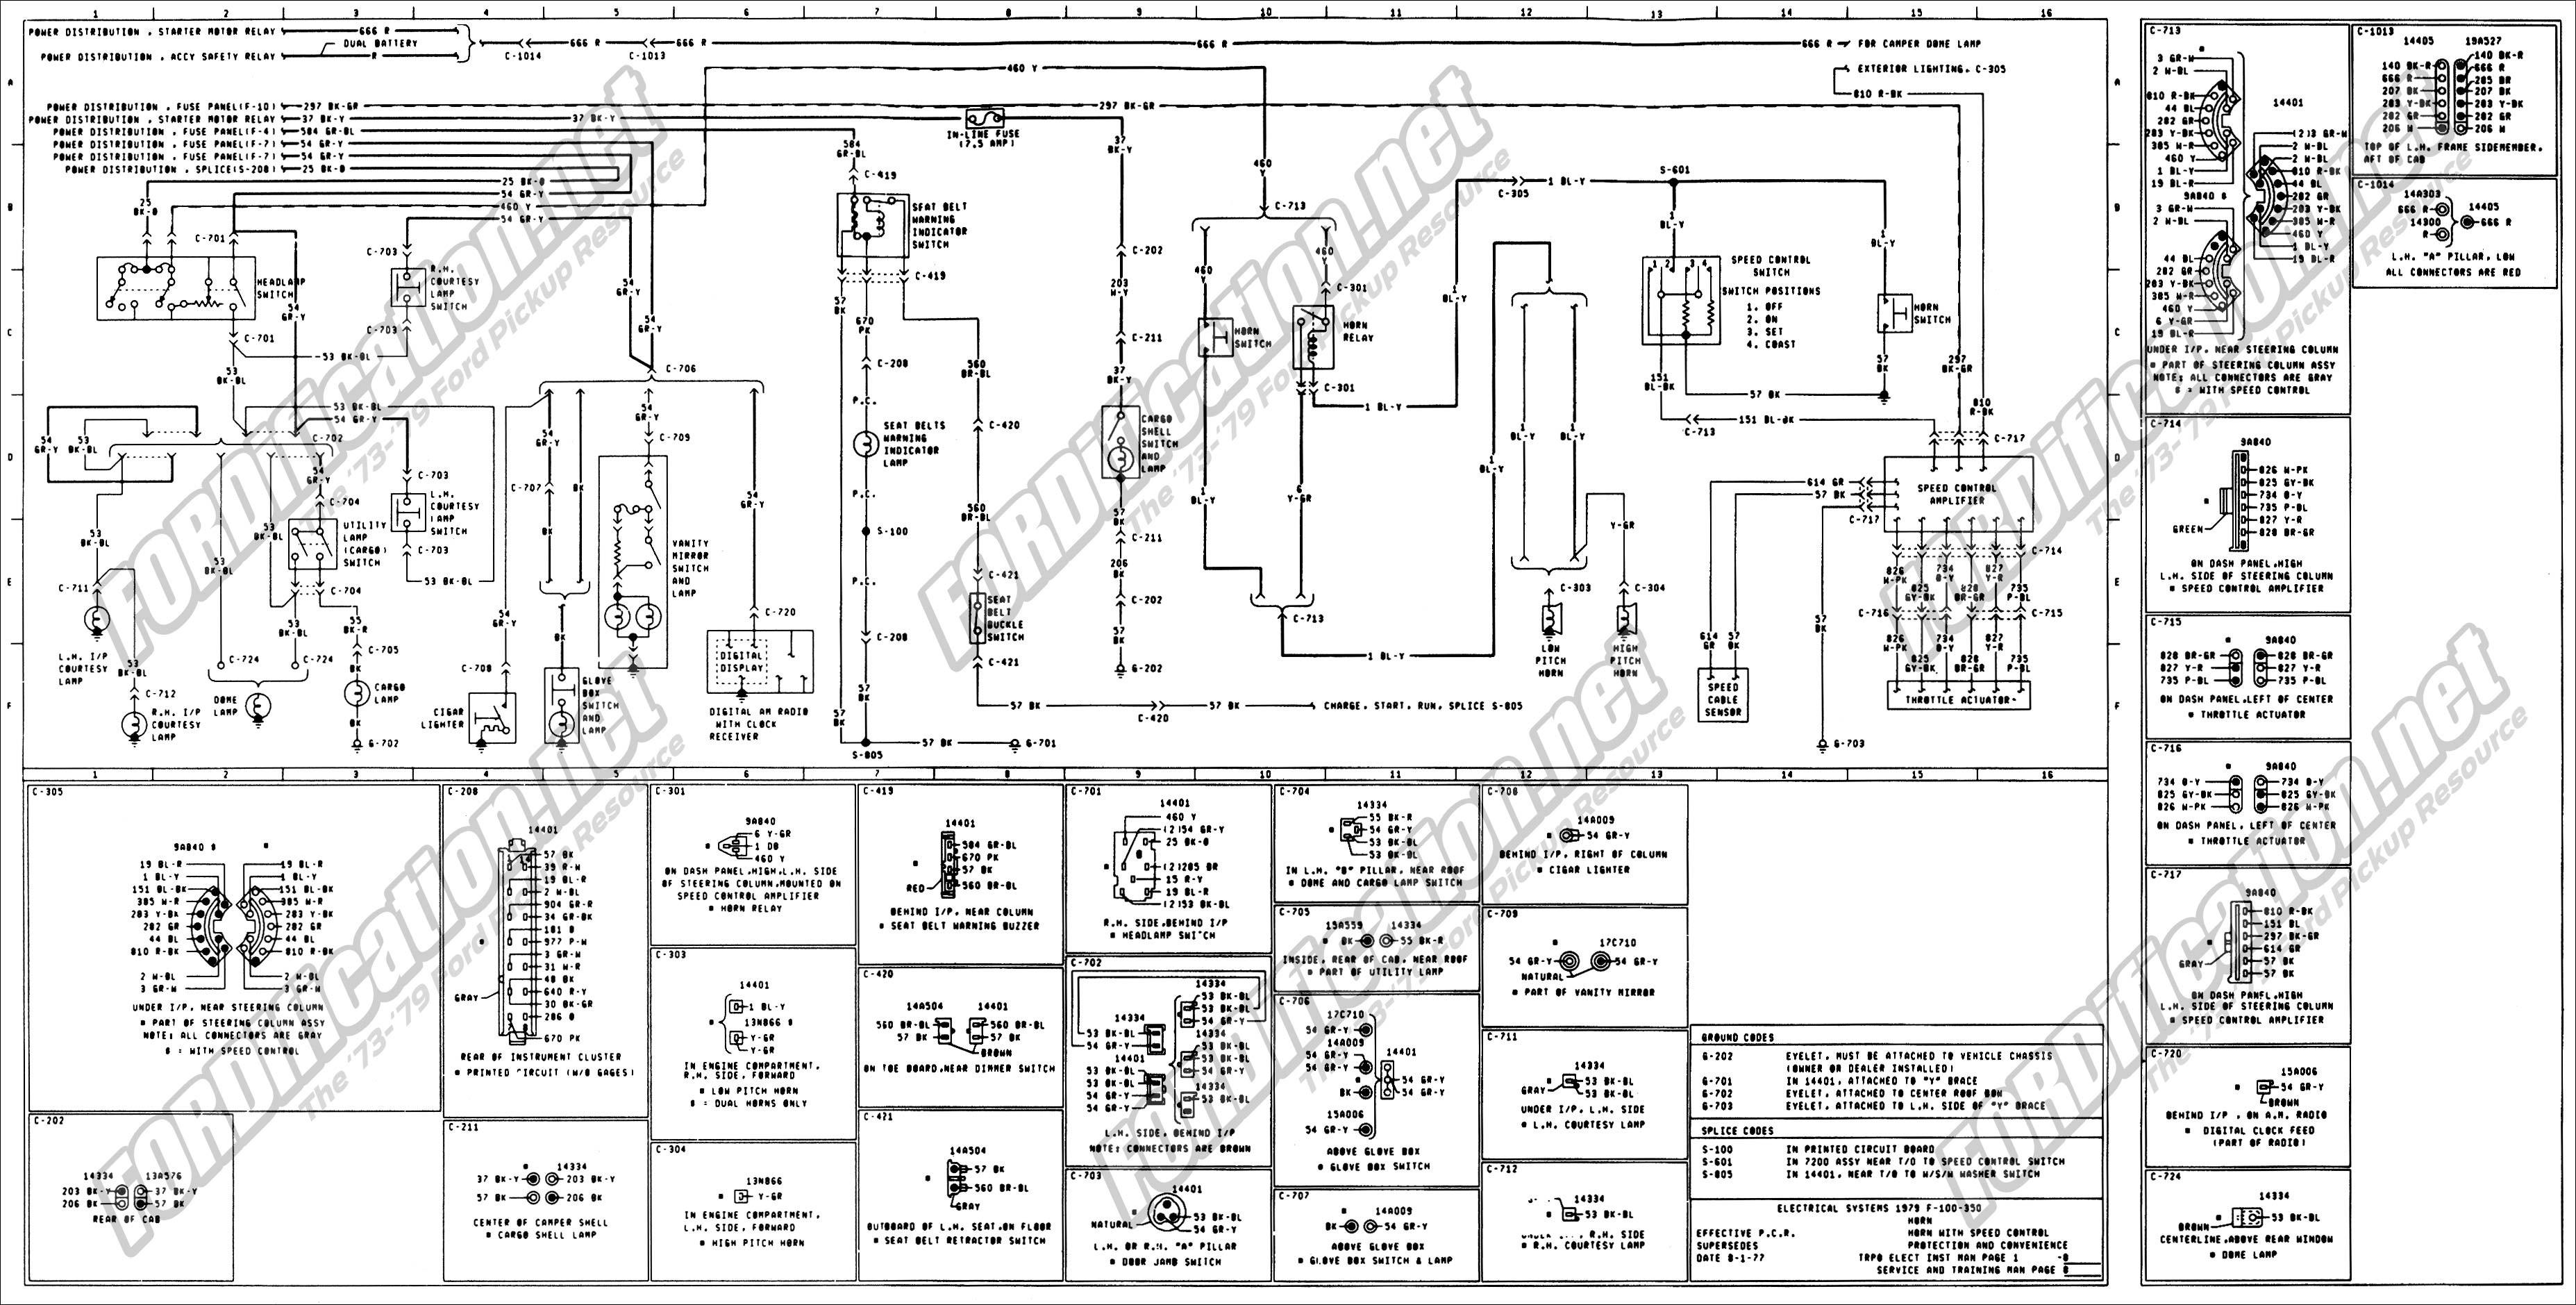 1979 Ford F150 Engine Diagram Wiring Schematics Truck F250 79 Solenoid 1999 Windstar